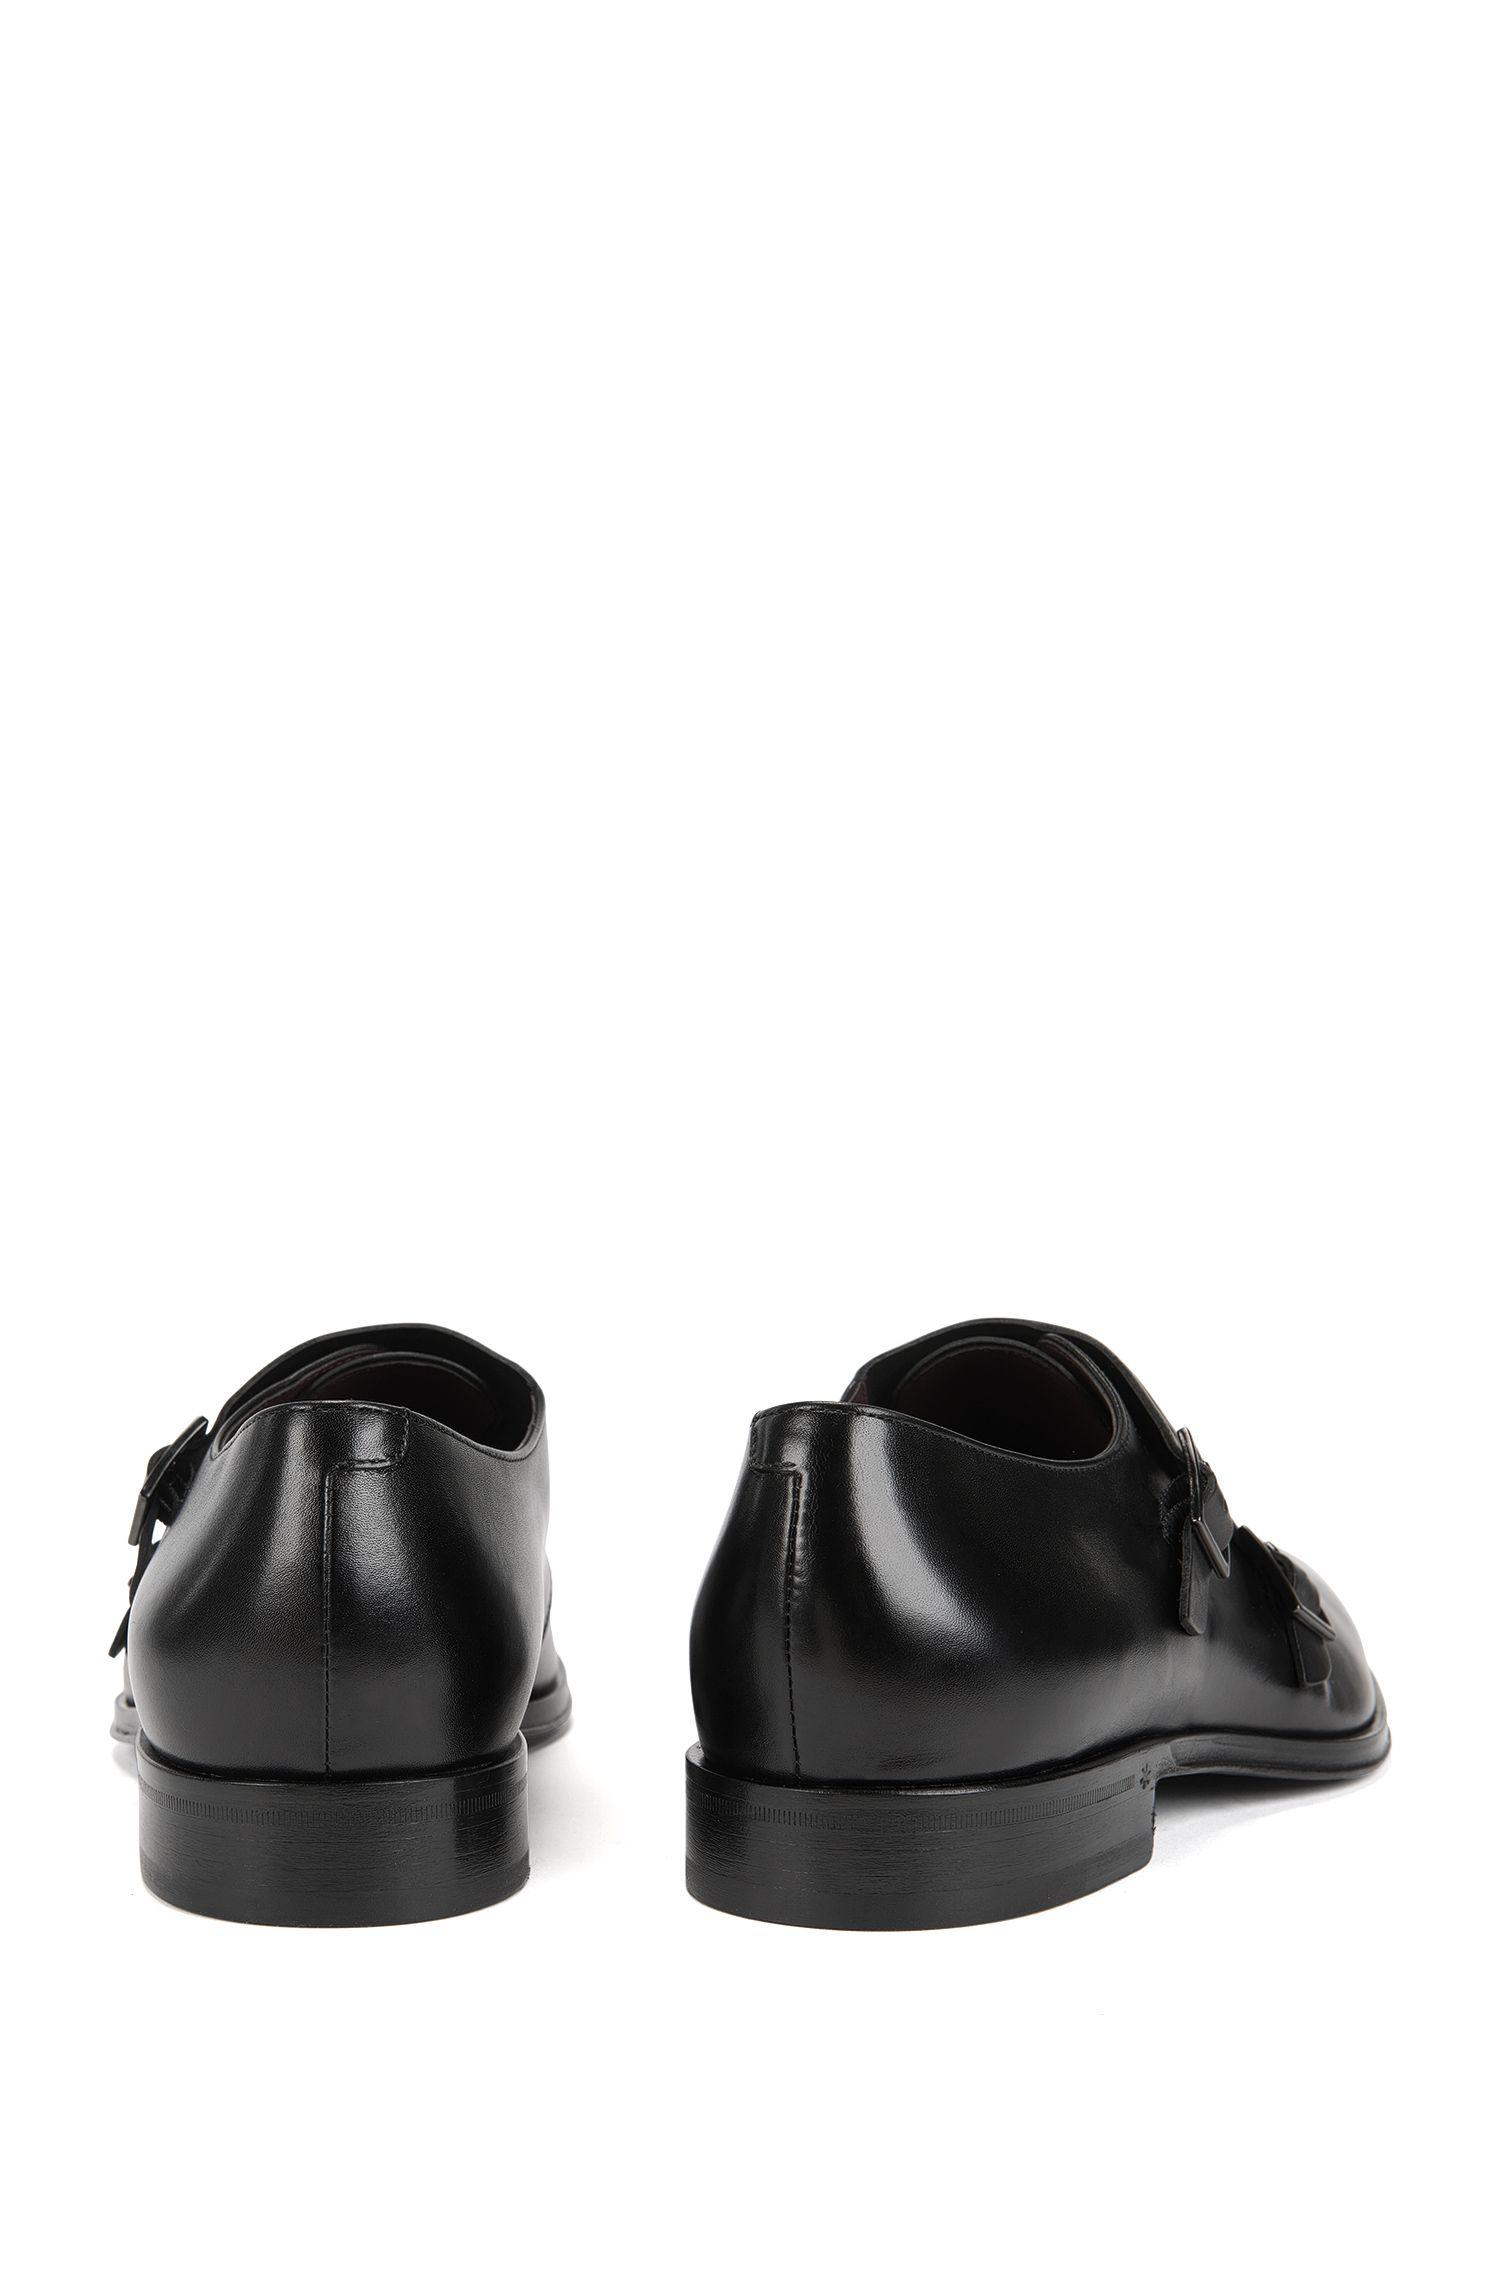 Schoenen van Italiaans generfd rundleer met dubbele gesp